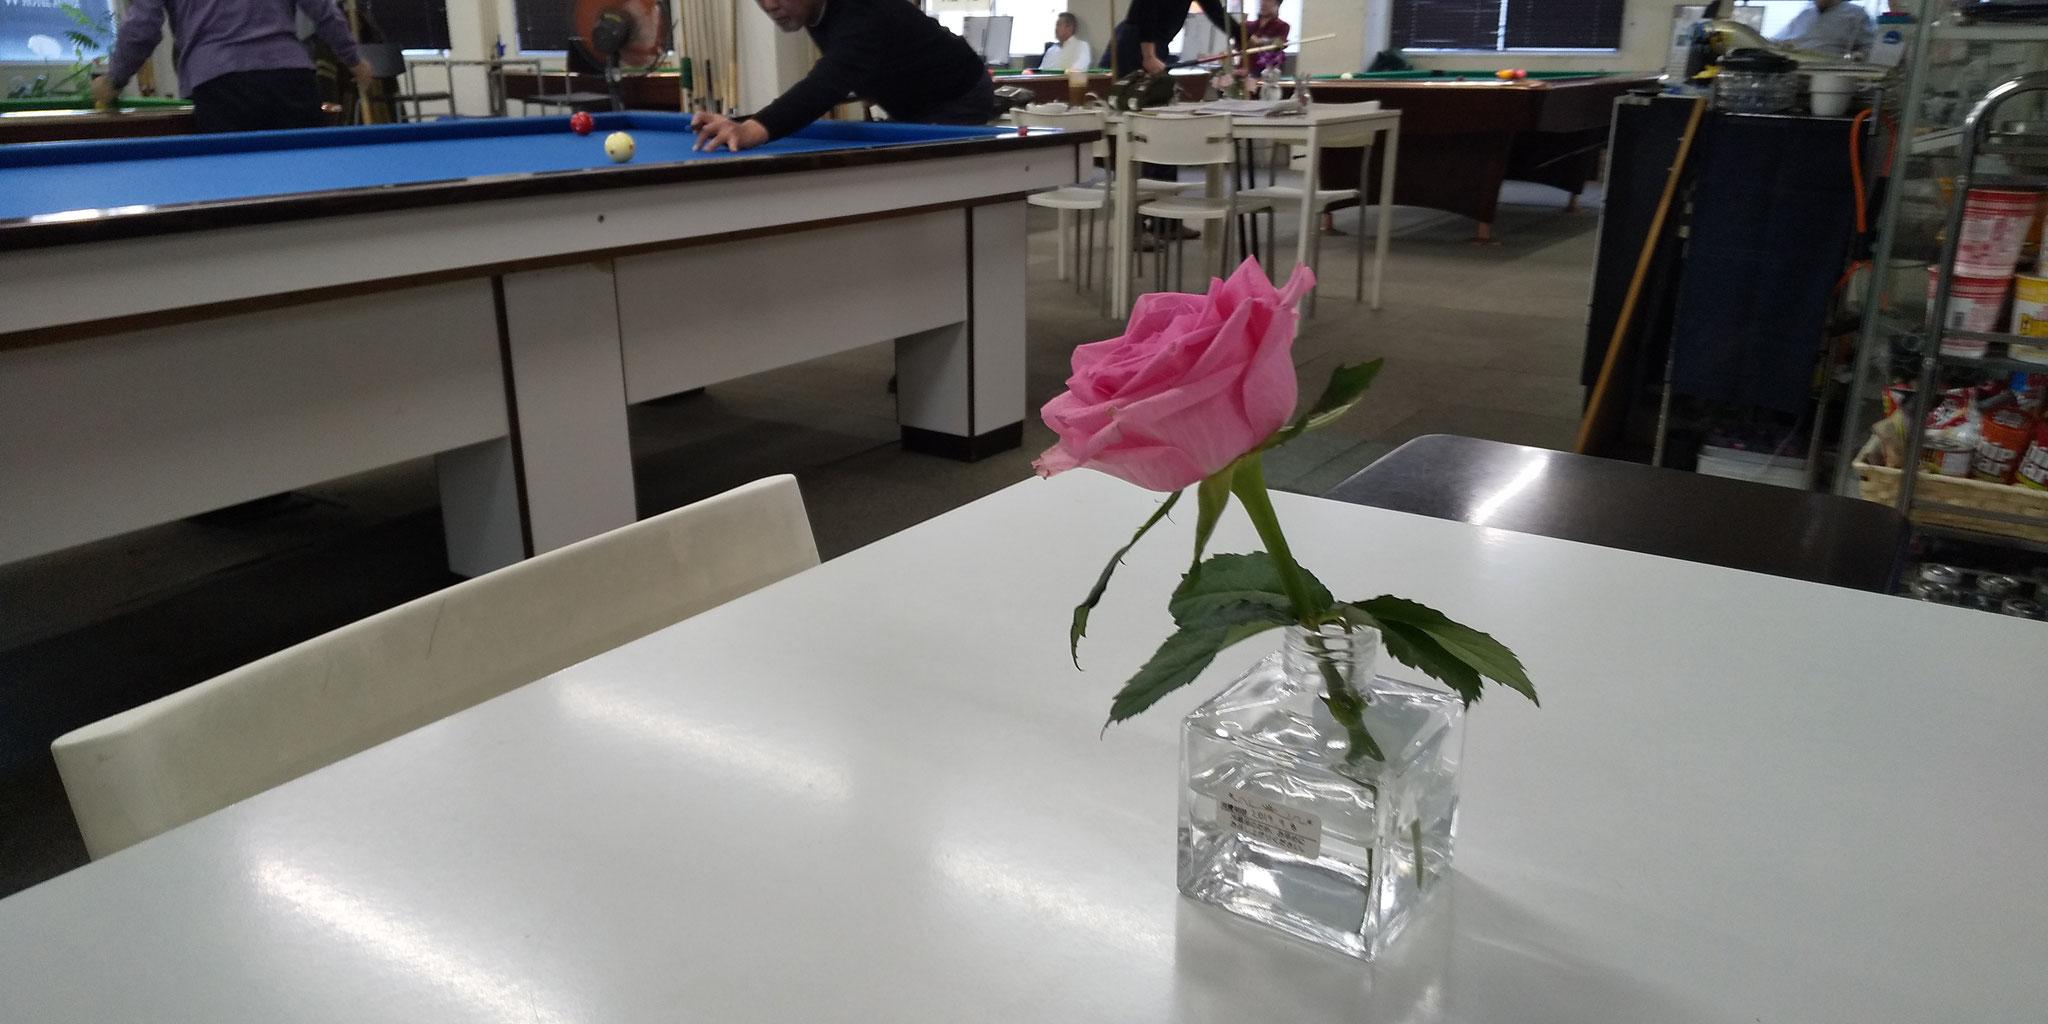 ワラビーに薔薇があるときー